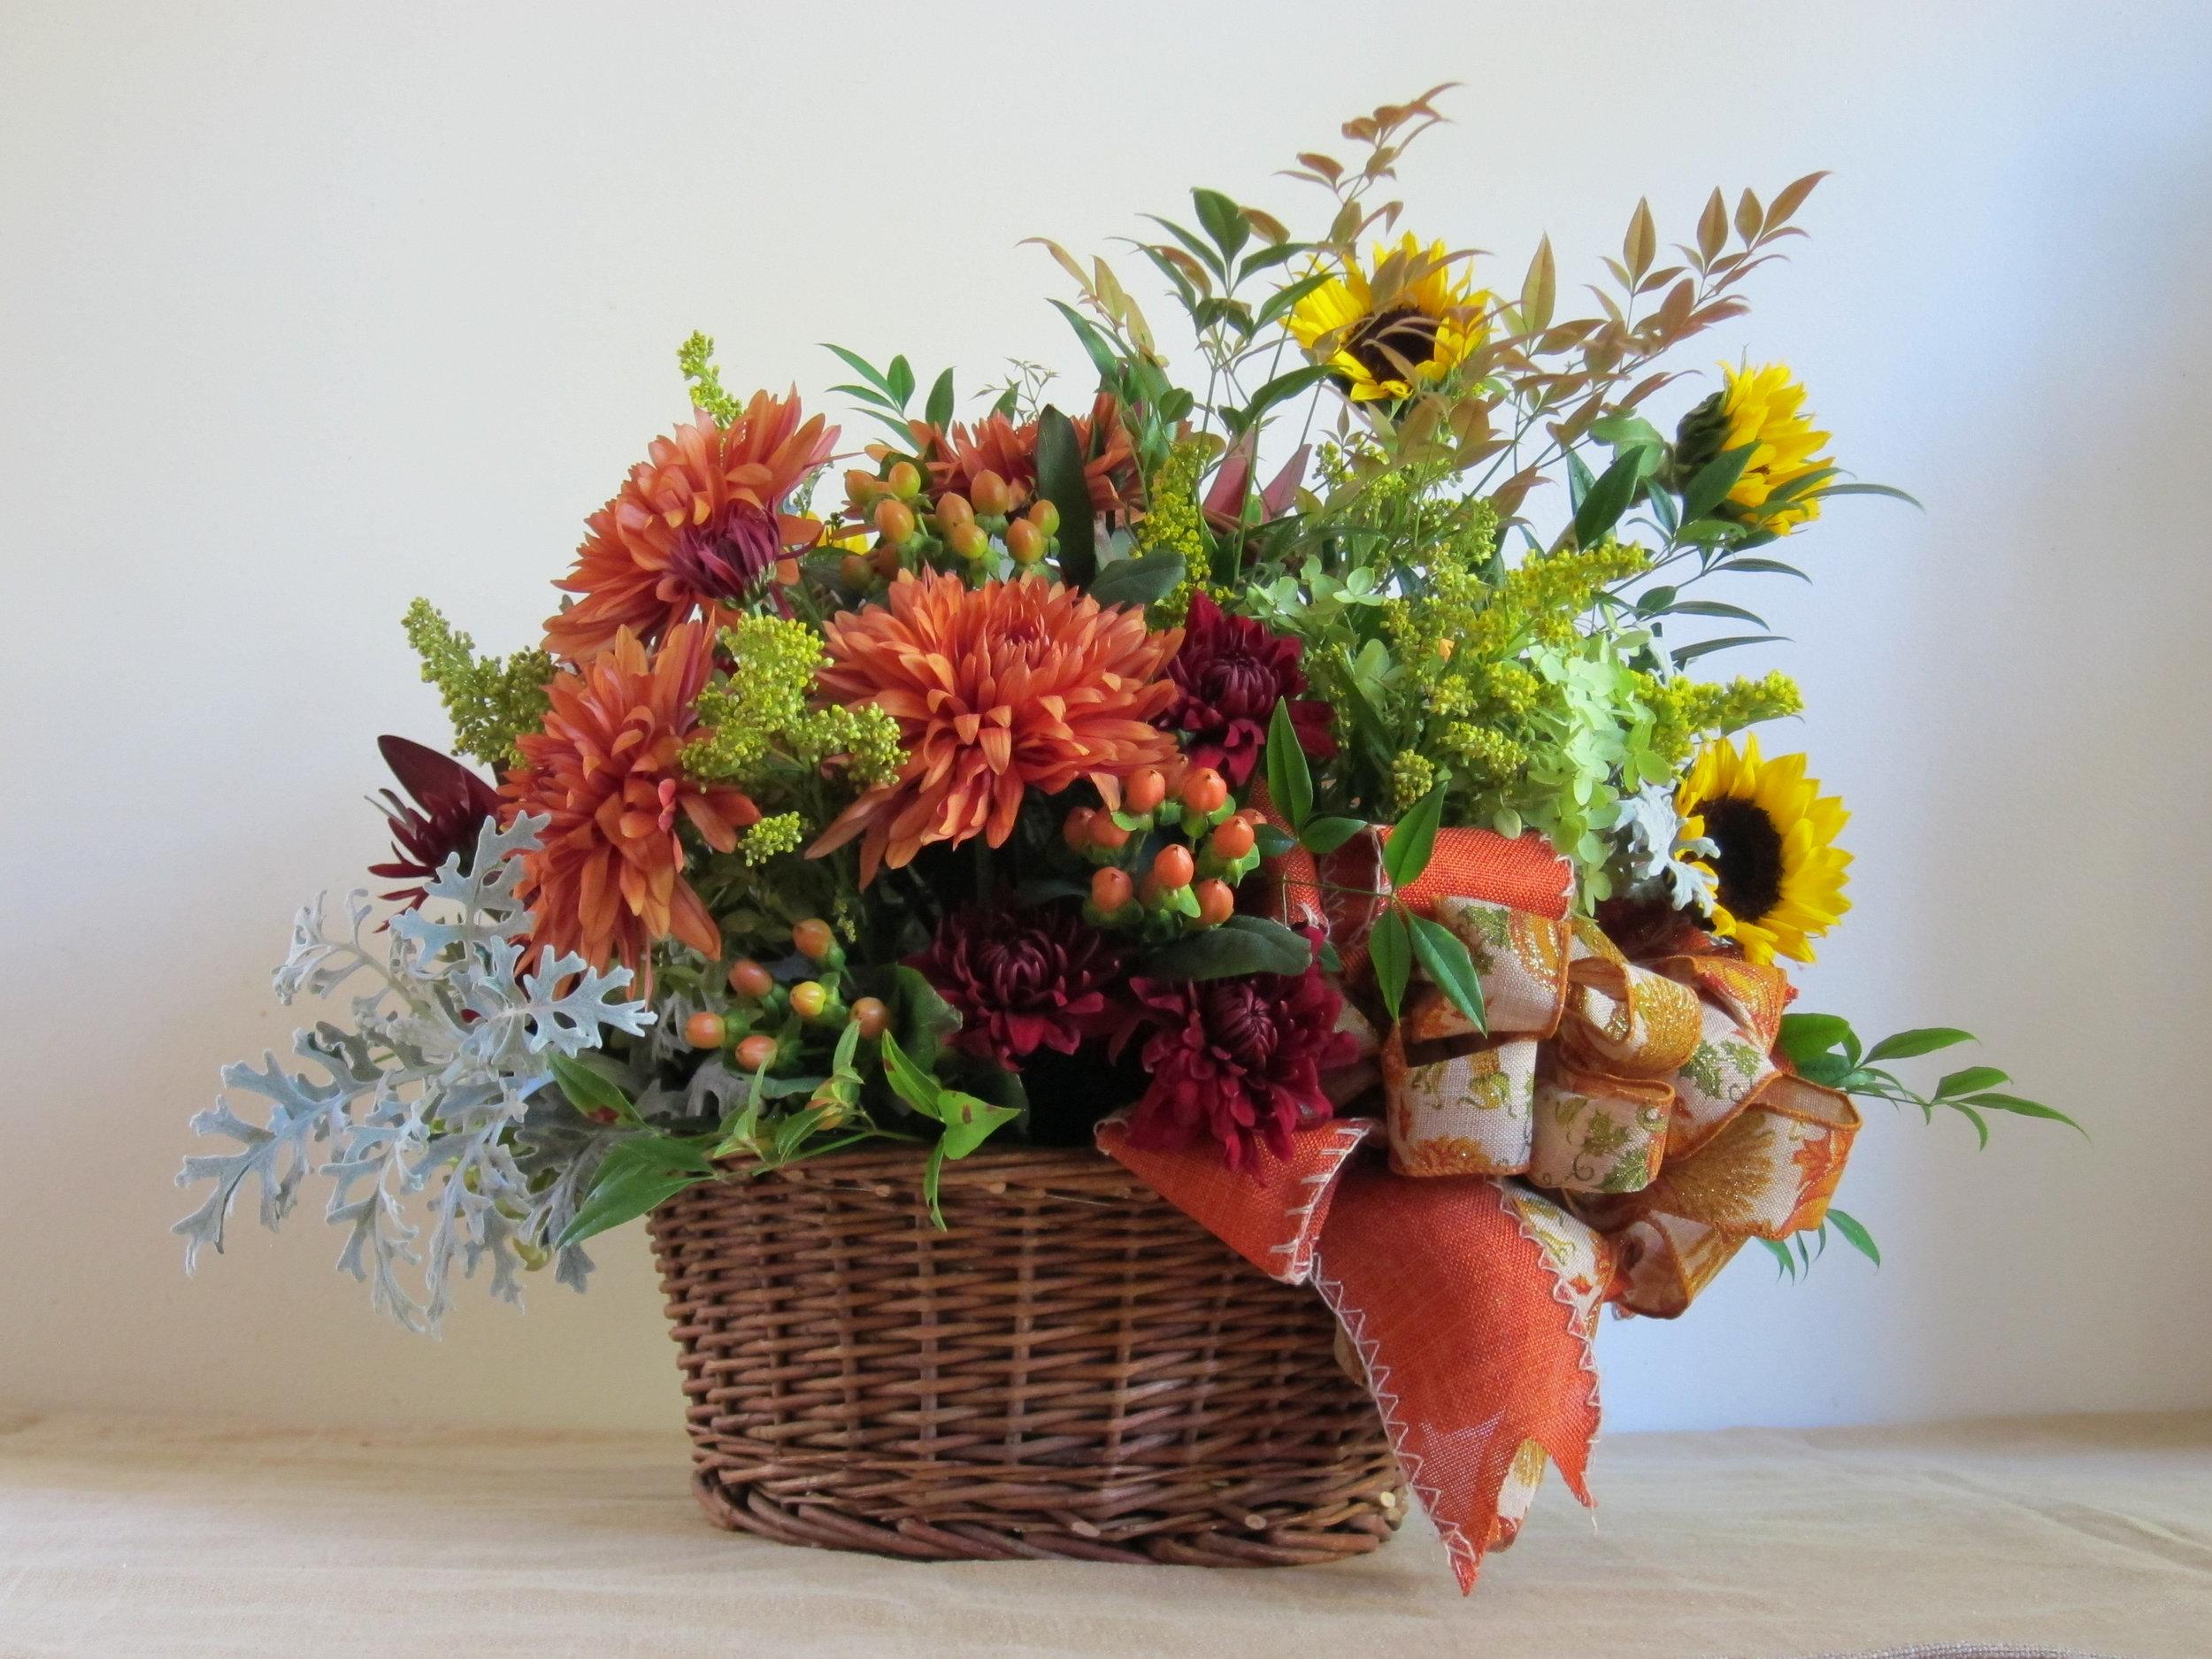 MEDIUM BASKET   of seasonal flowers in a natural wicker basket, $75.